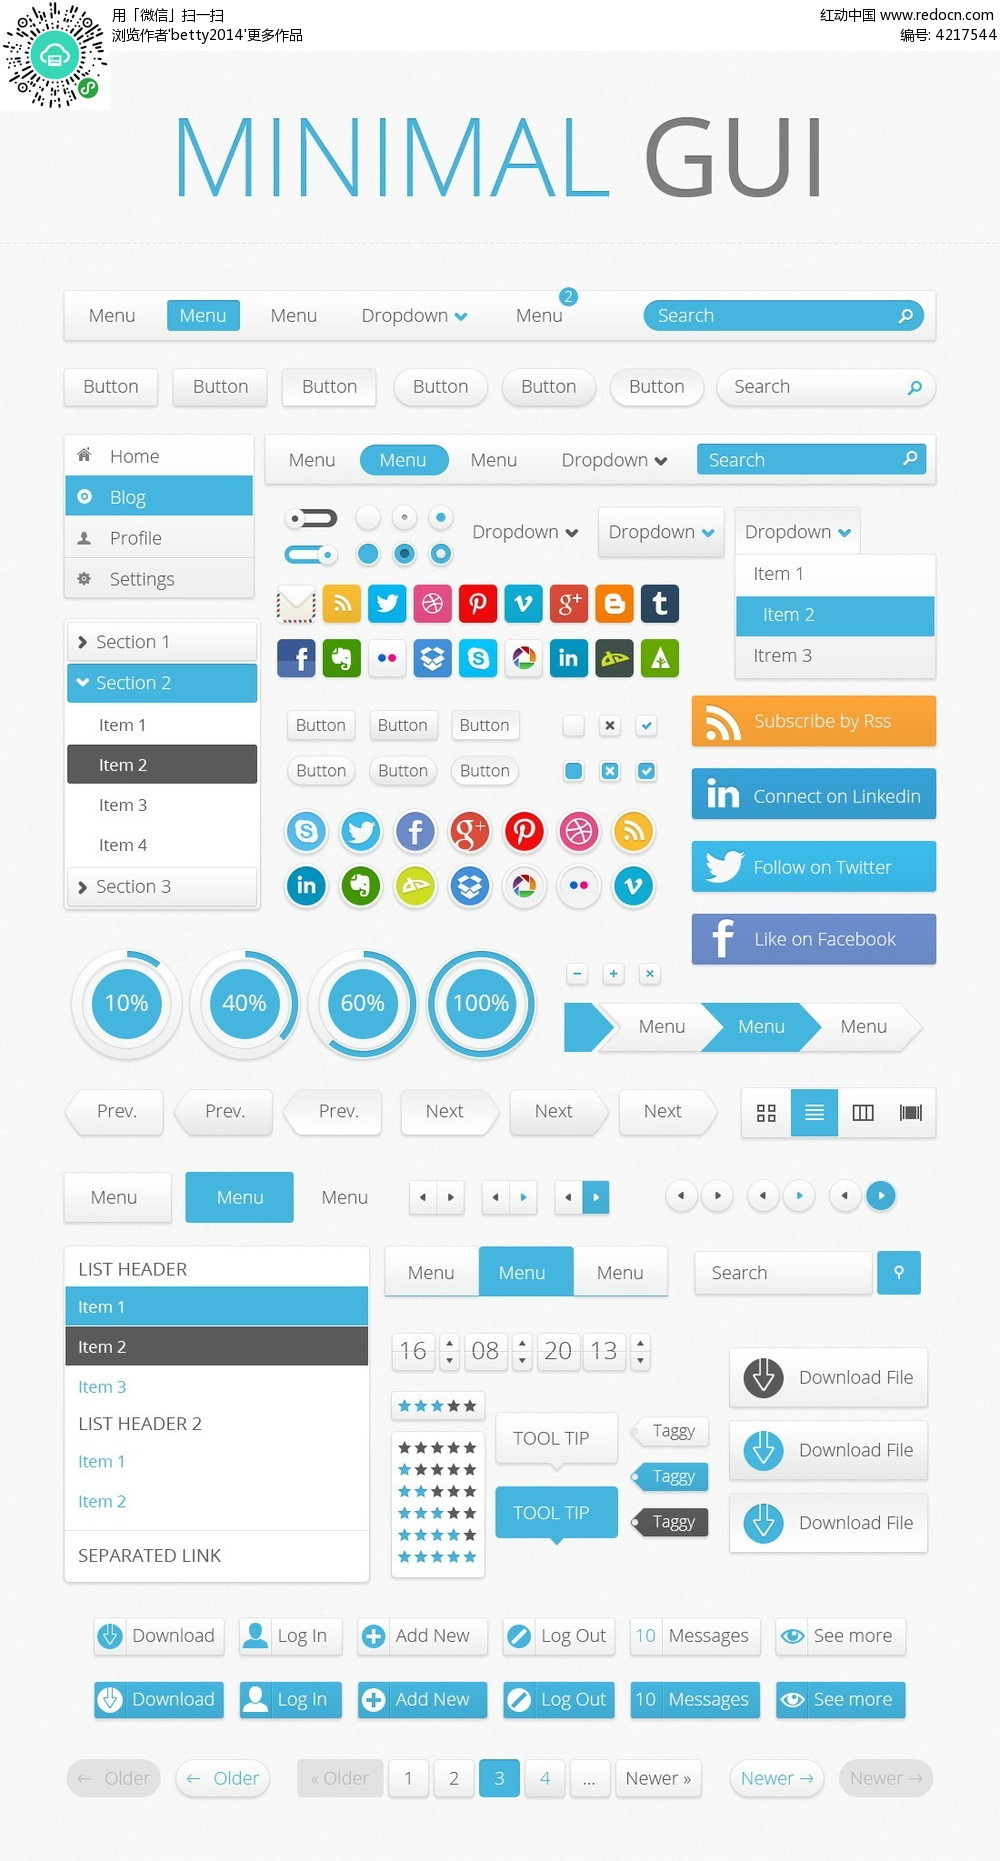 蓝色简约手机界面UI元素图标图片